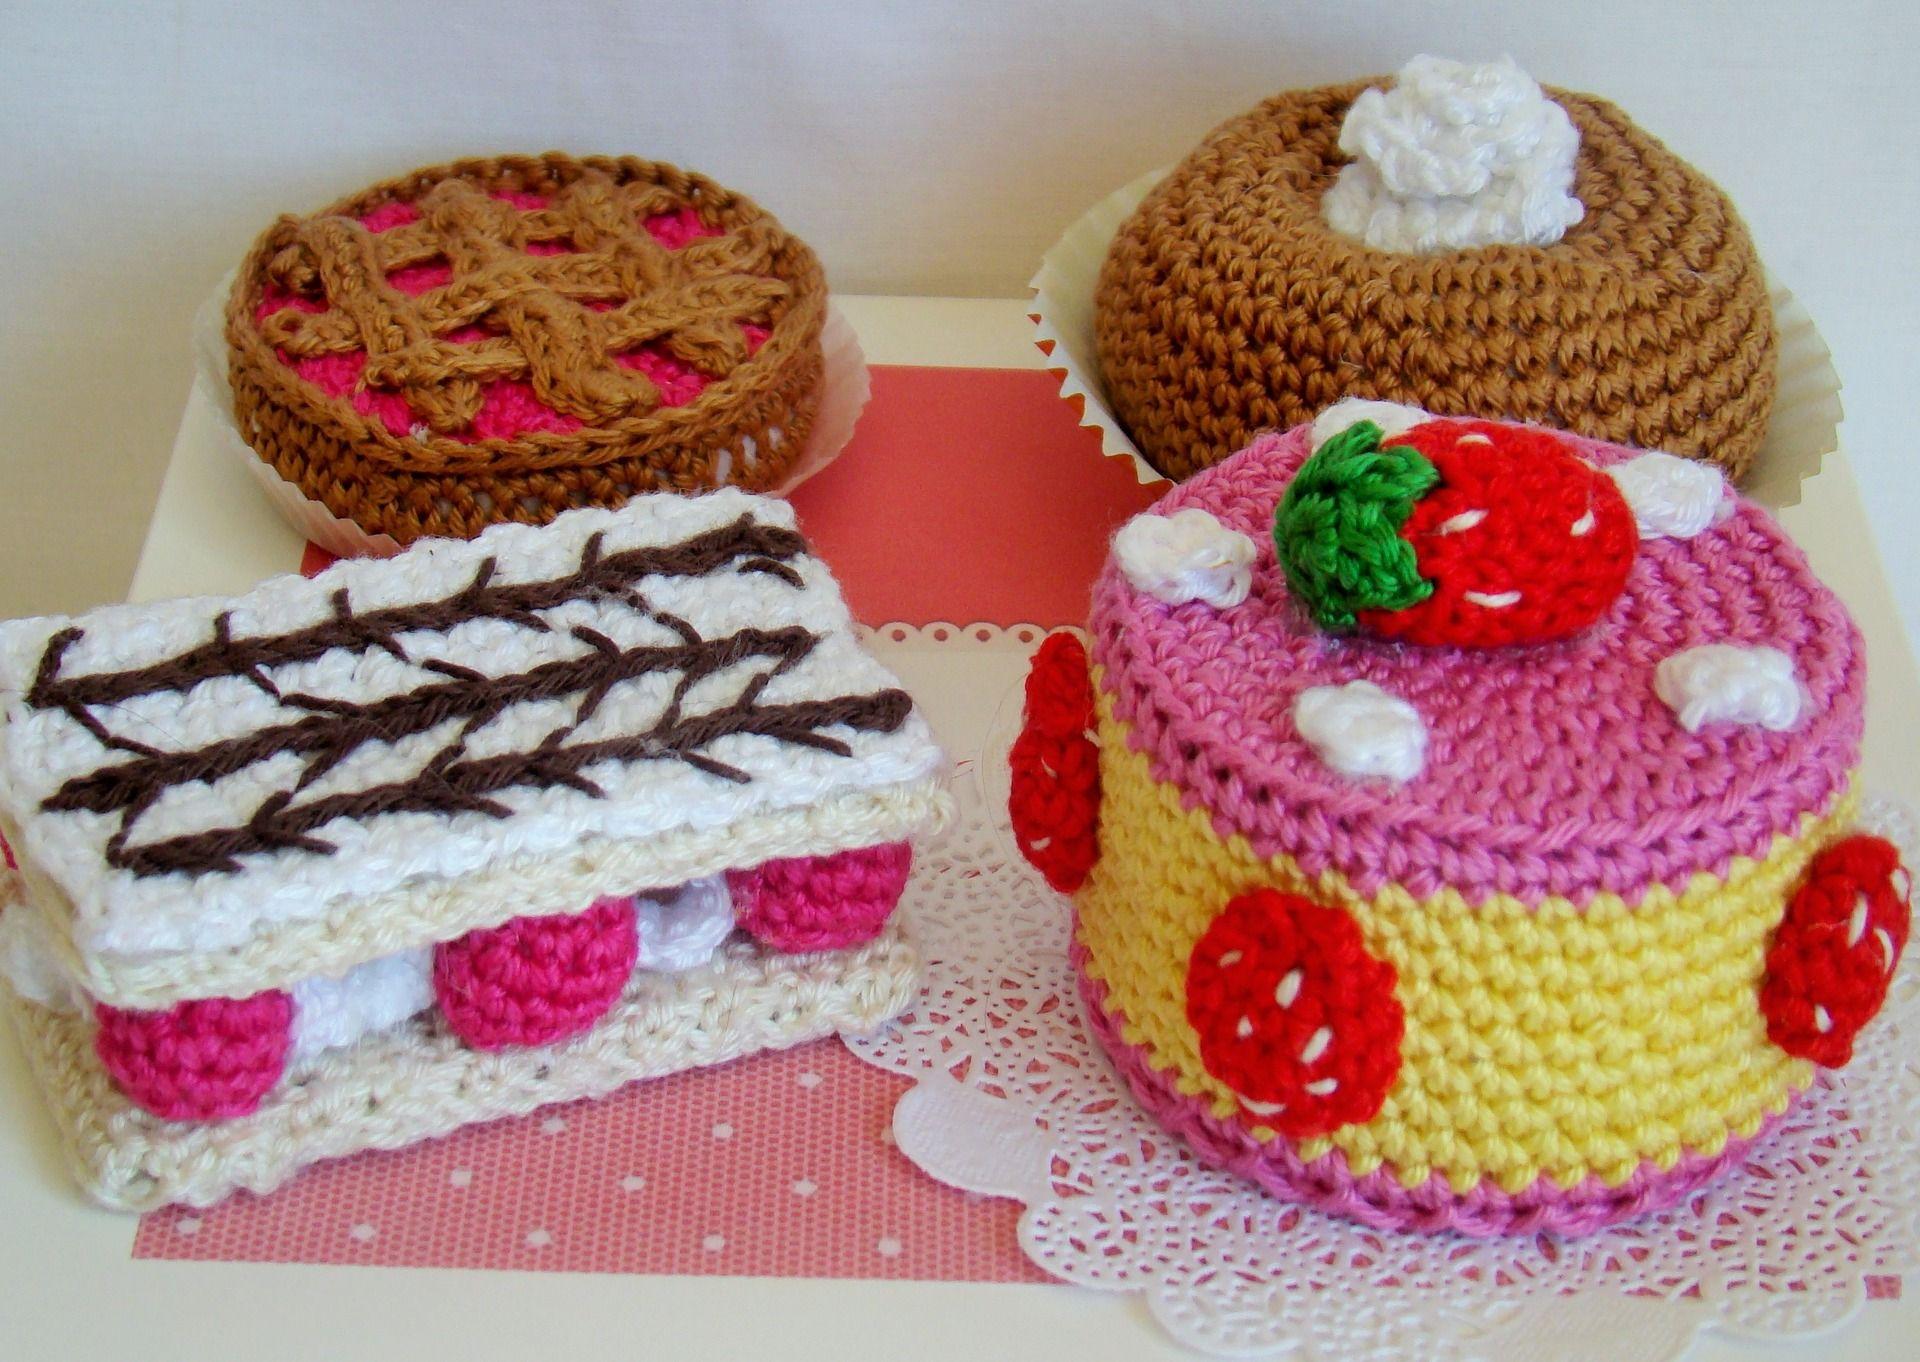 Dinette ou d coration de p tisseries au crochet avec sa boite et dentelles pour g teau jeux - Decoration au crochet ...